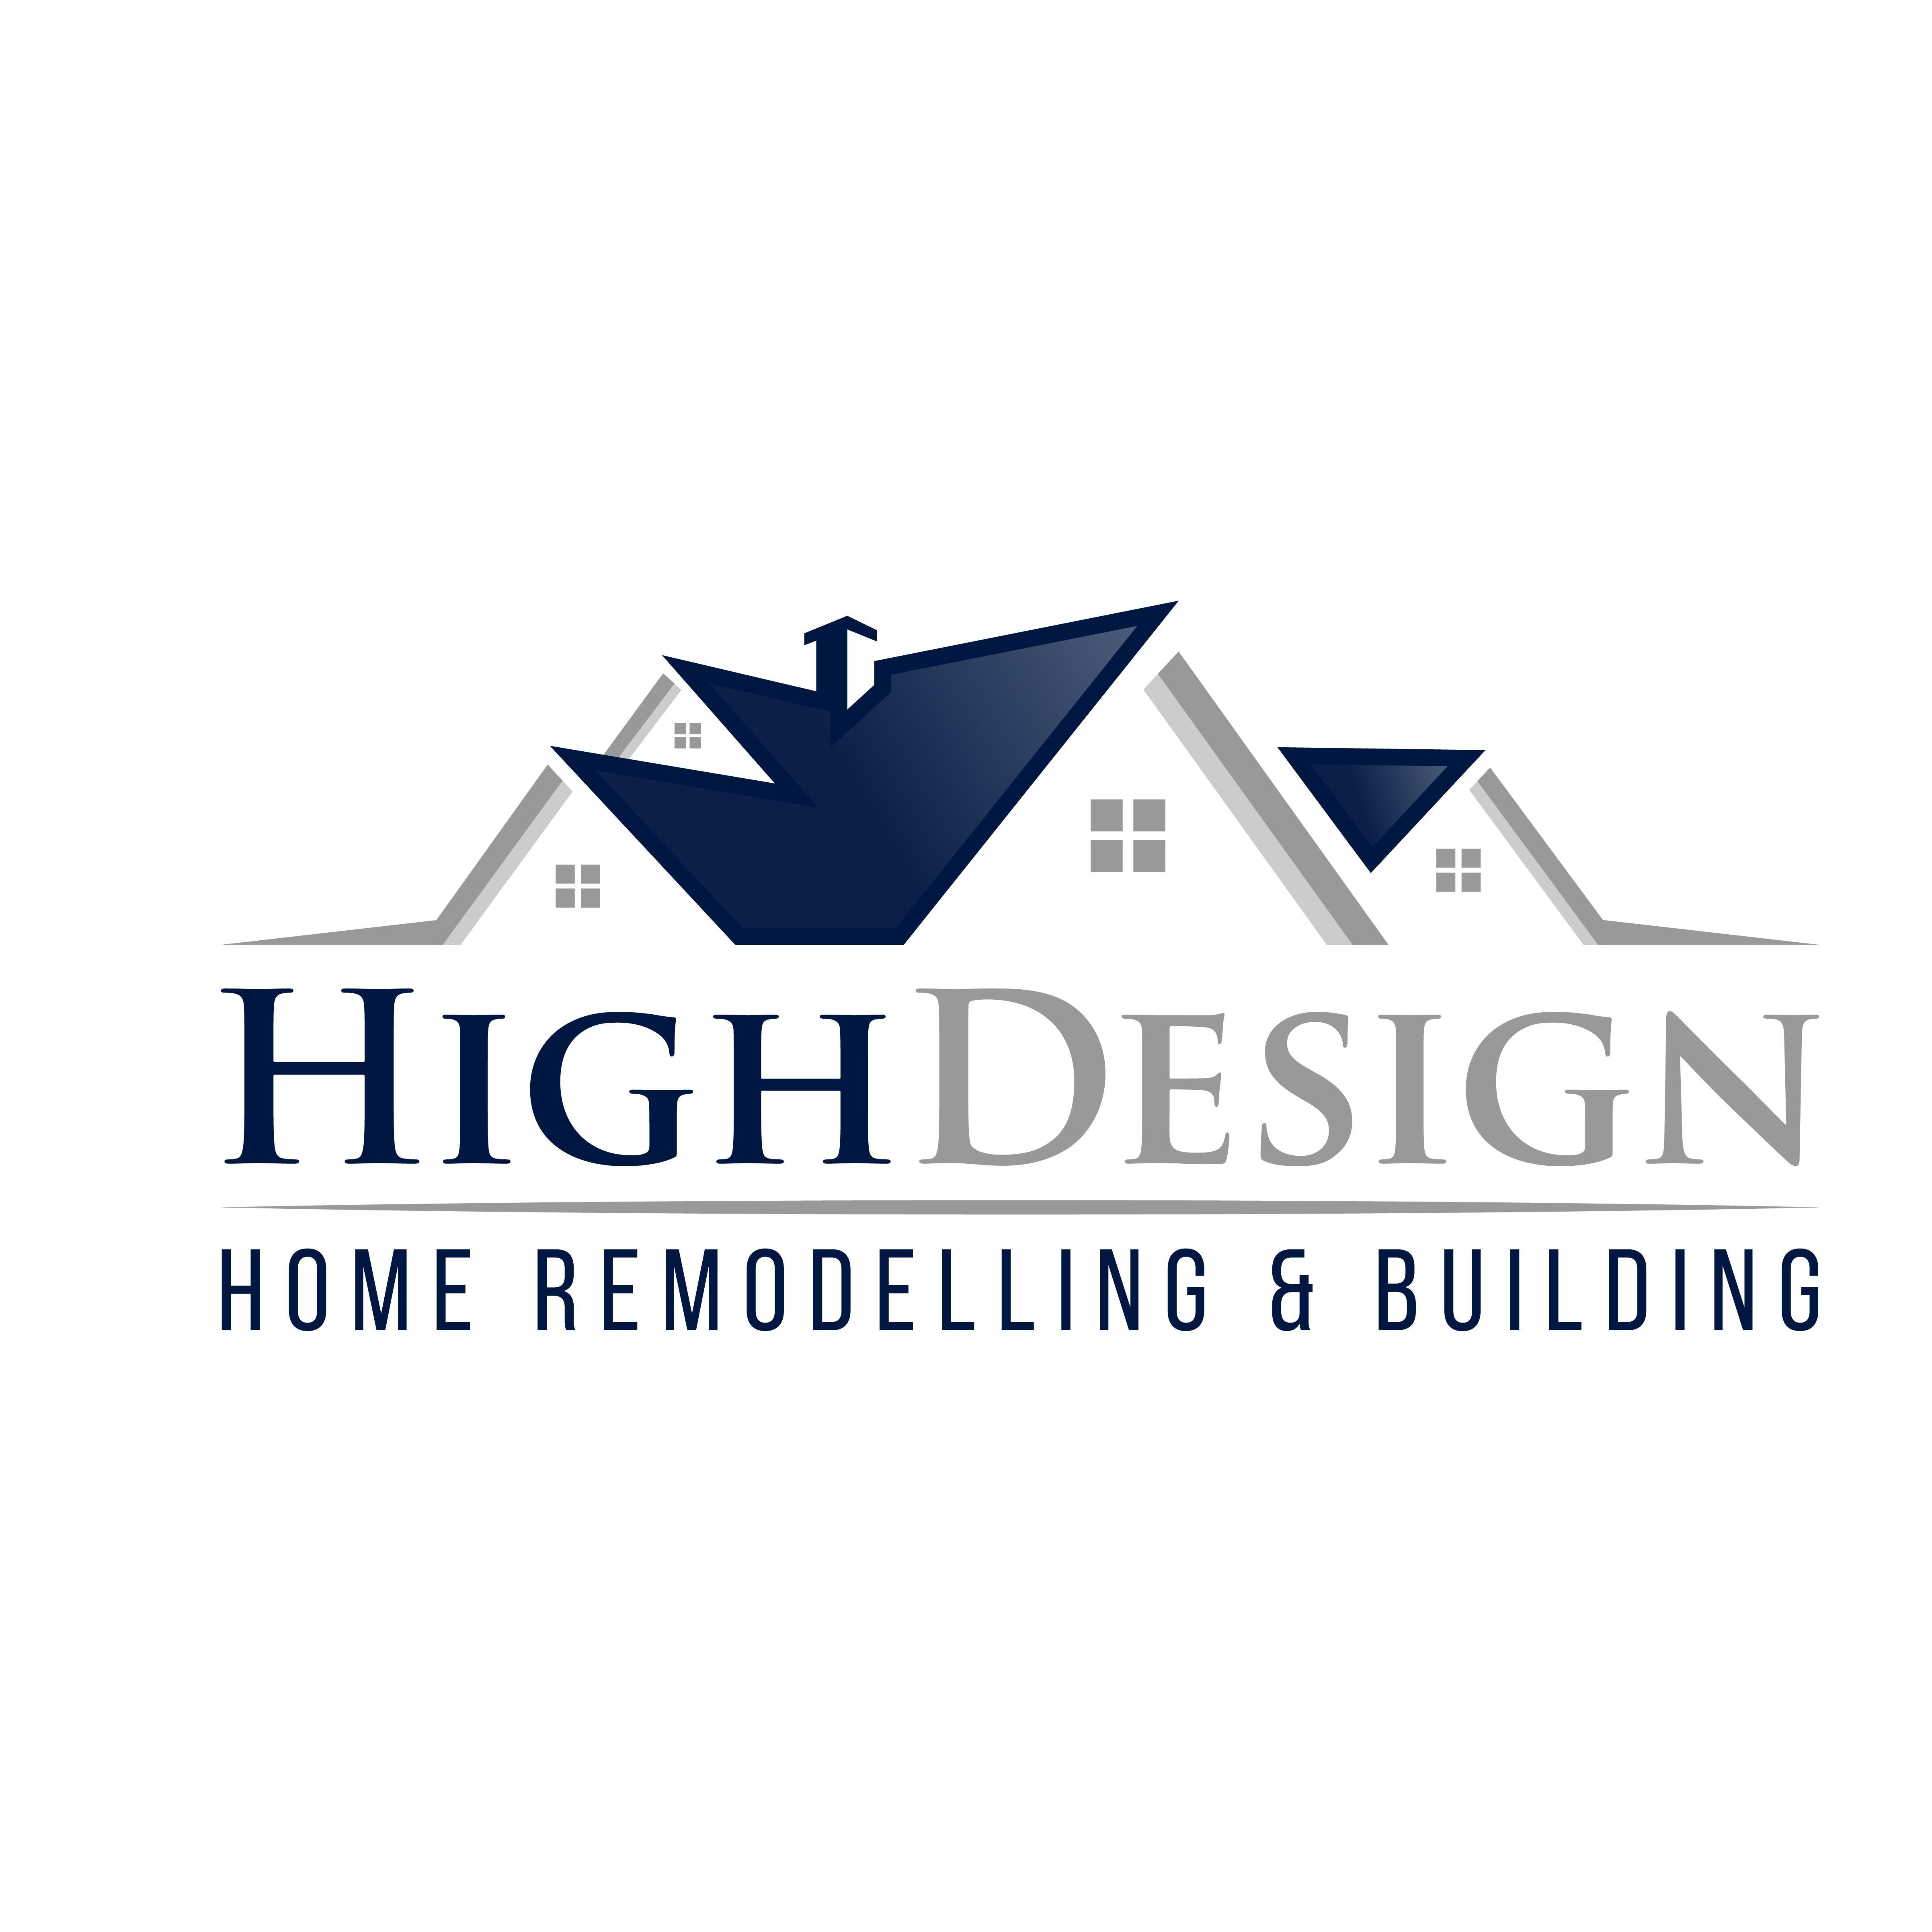 High Design Home Remodeling